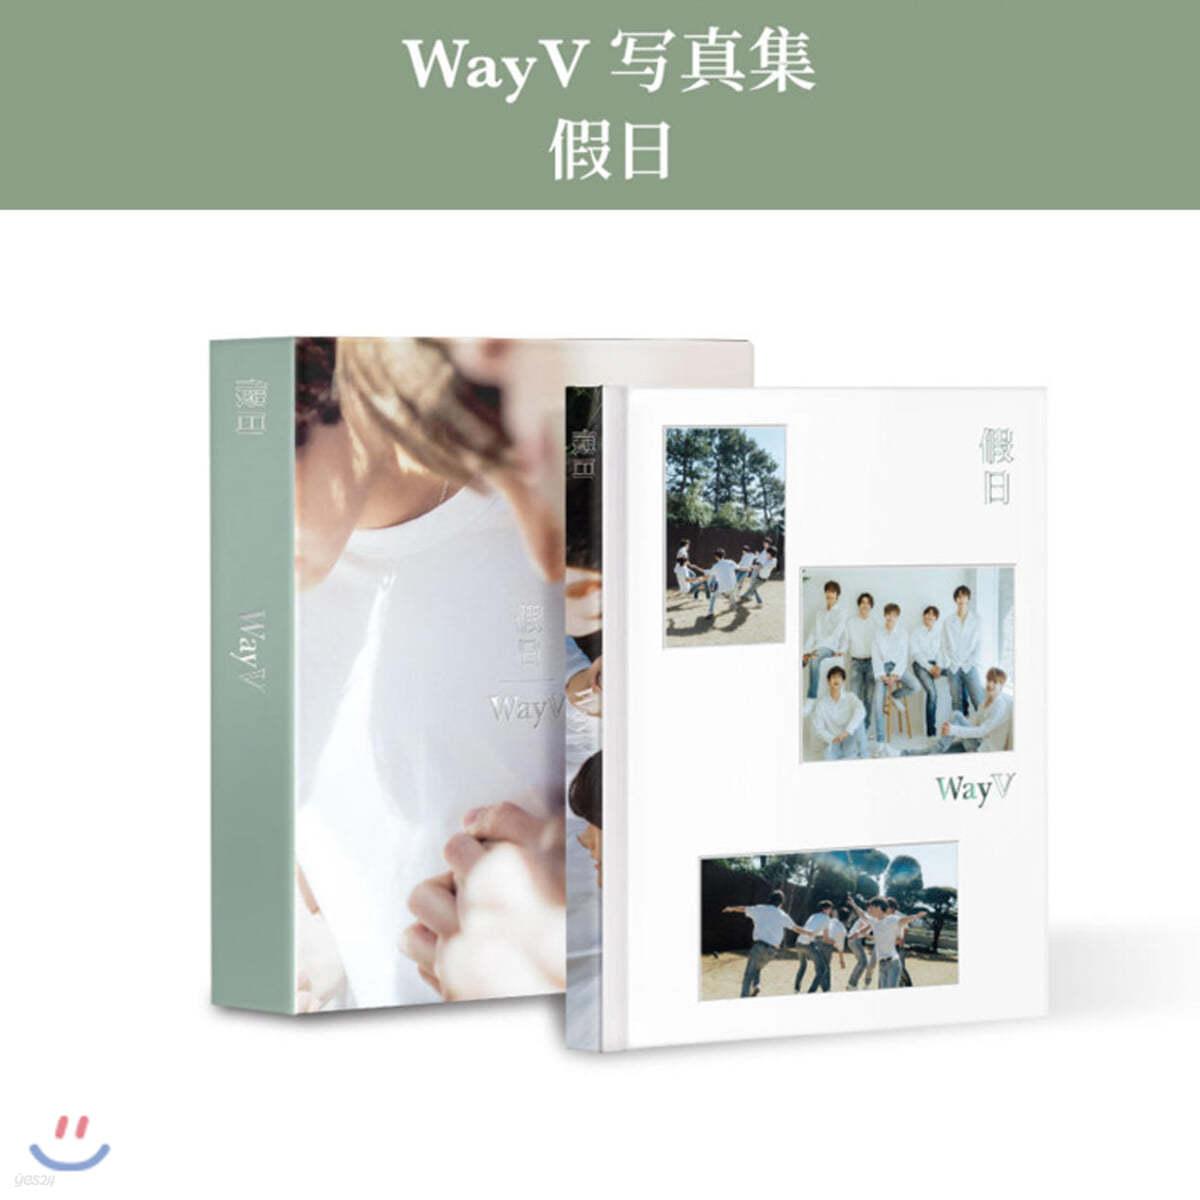 [중국판] WayV 웨이션V 사진집 : 휴일 (루카스 ver.)